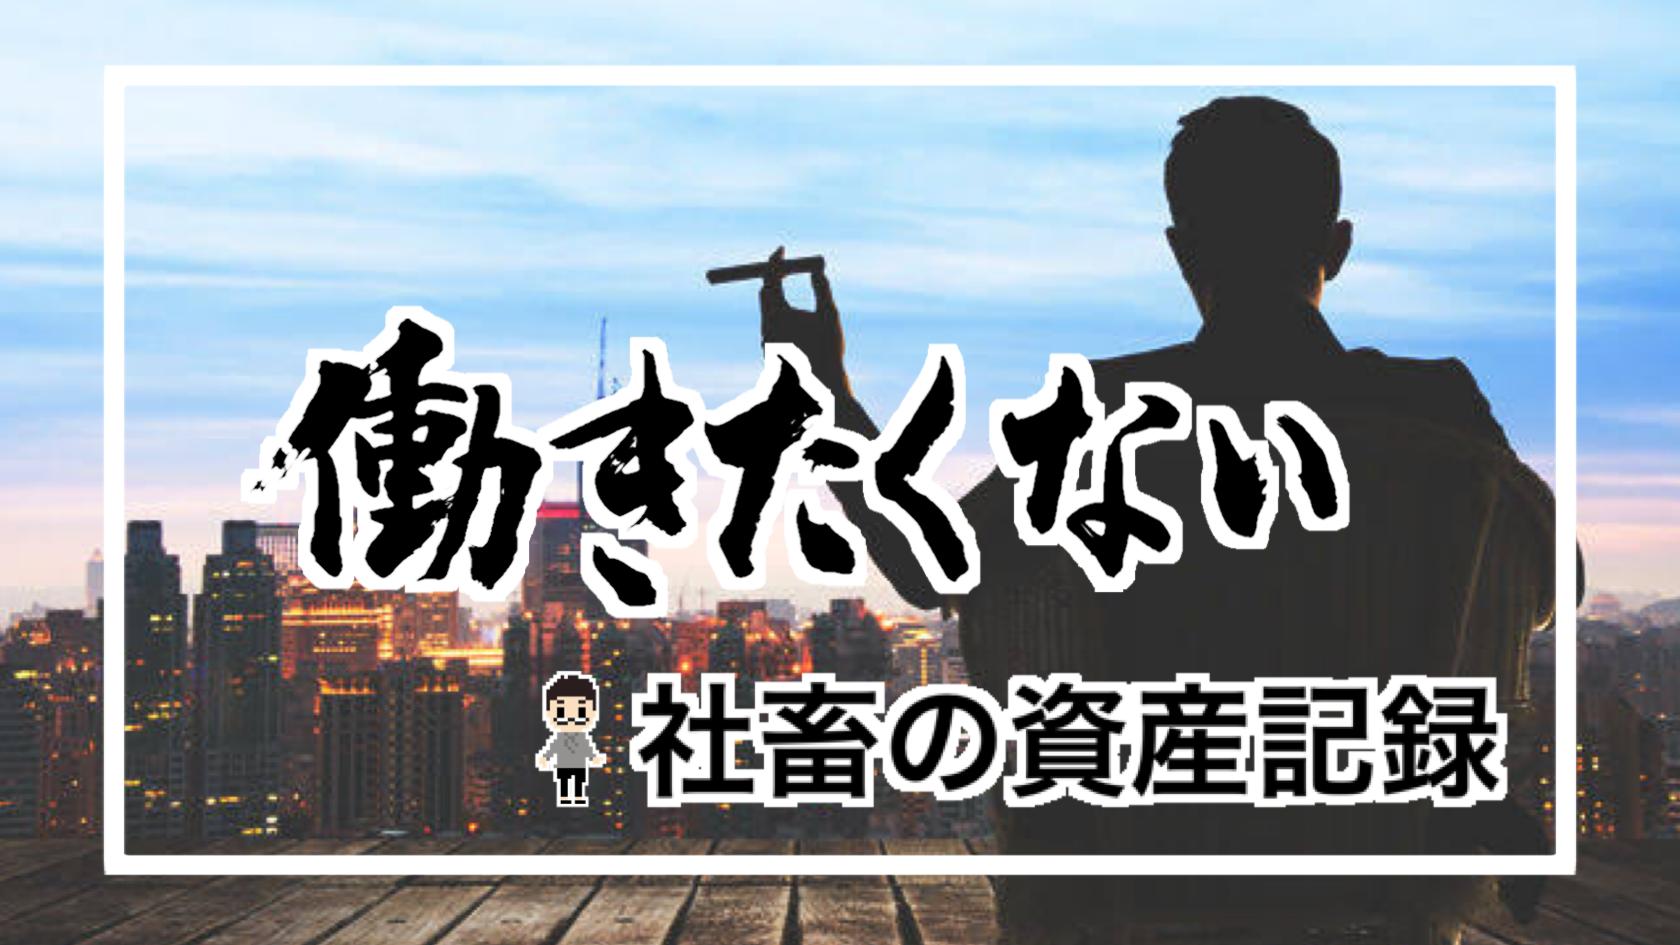 f:id:Hakurei:20210131125222p:plain